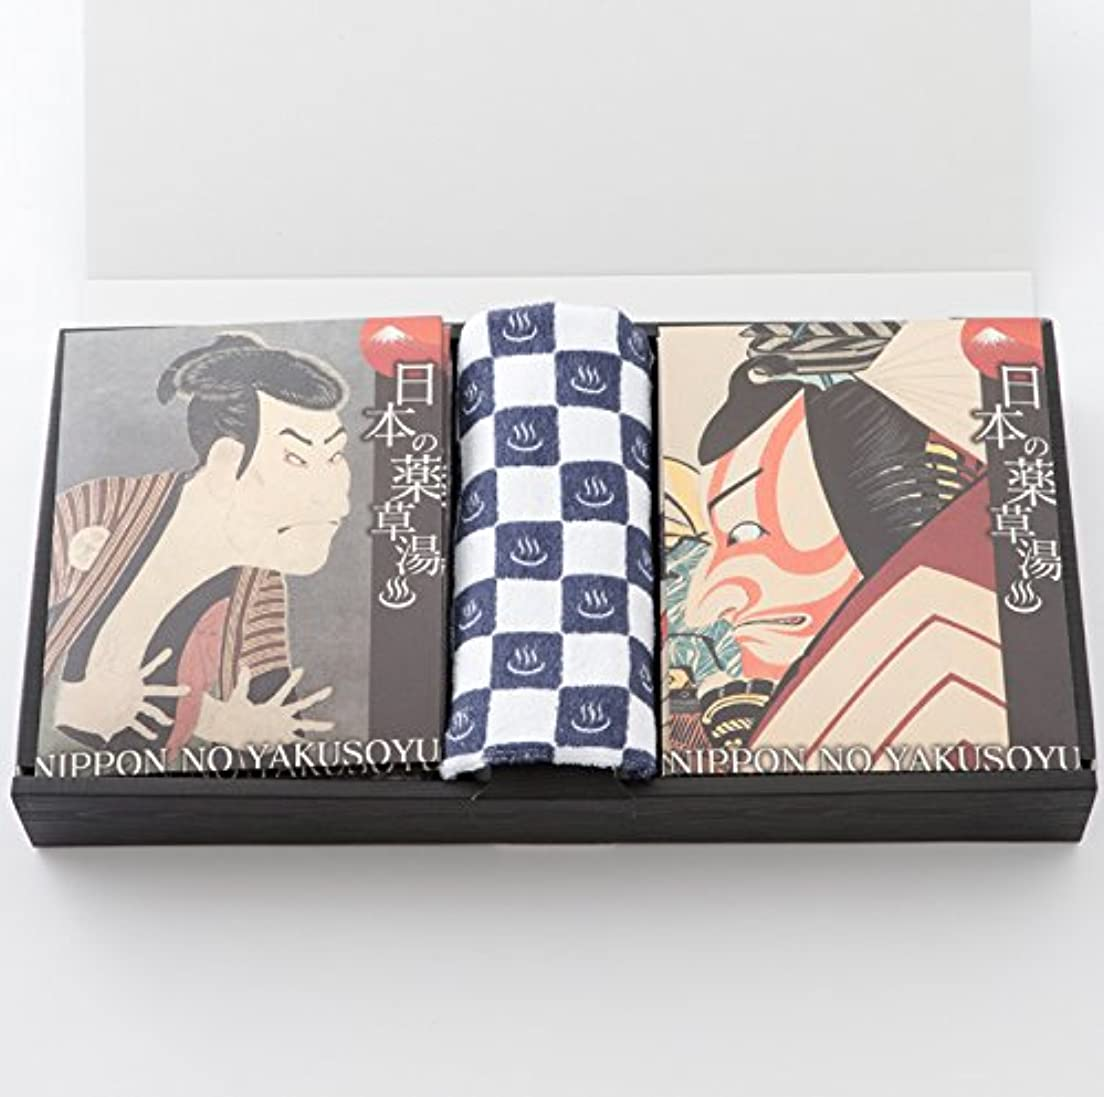 制限された放置霧深い日本の薬草湯と湯めぐりタオルギフト (日本の薬草湯9包+湯めぐりタオル1本)